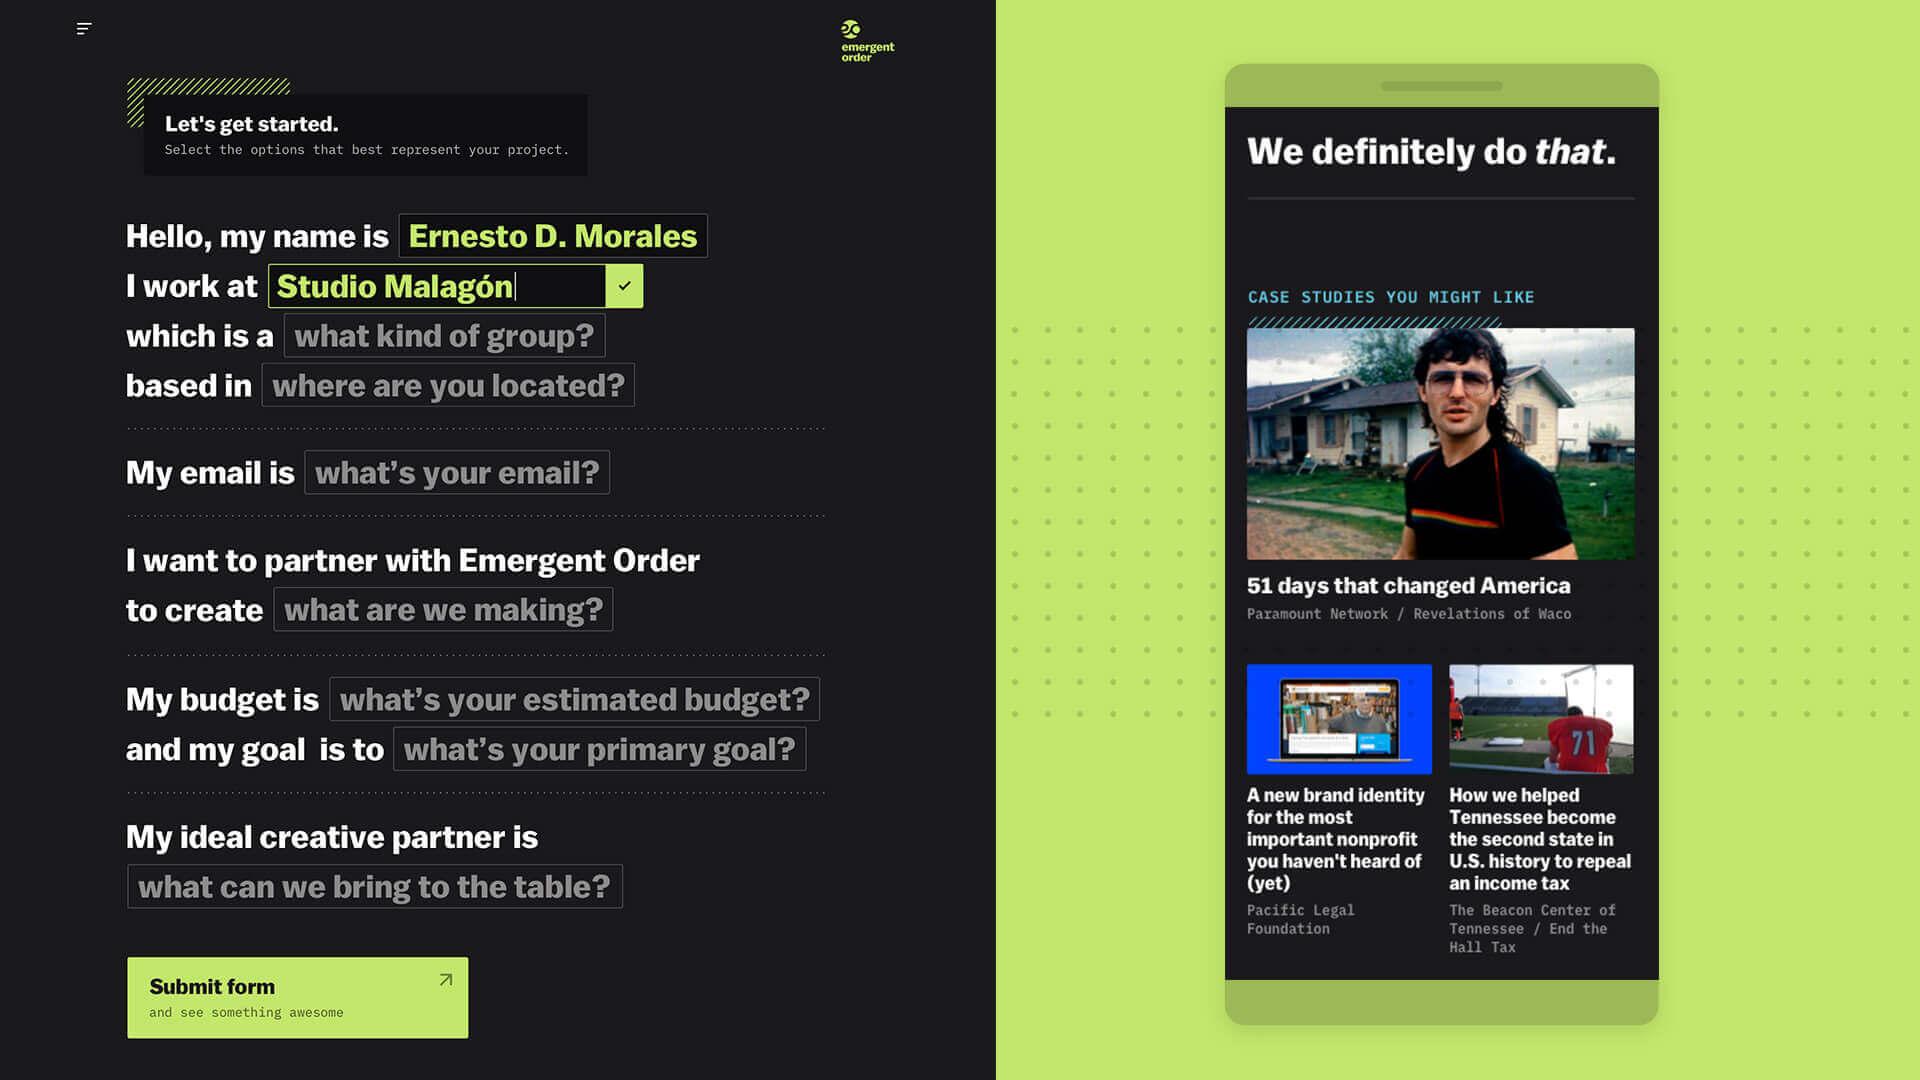 studio-malagon-emergent-order-website-CTA-green